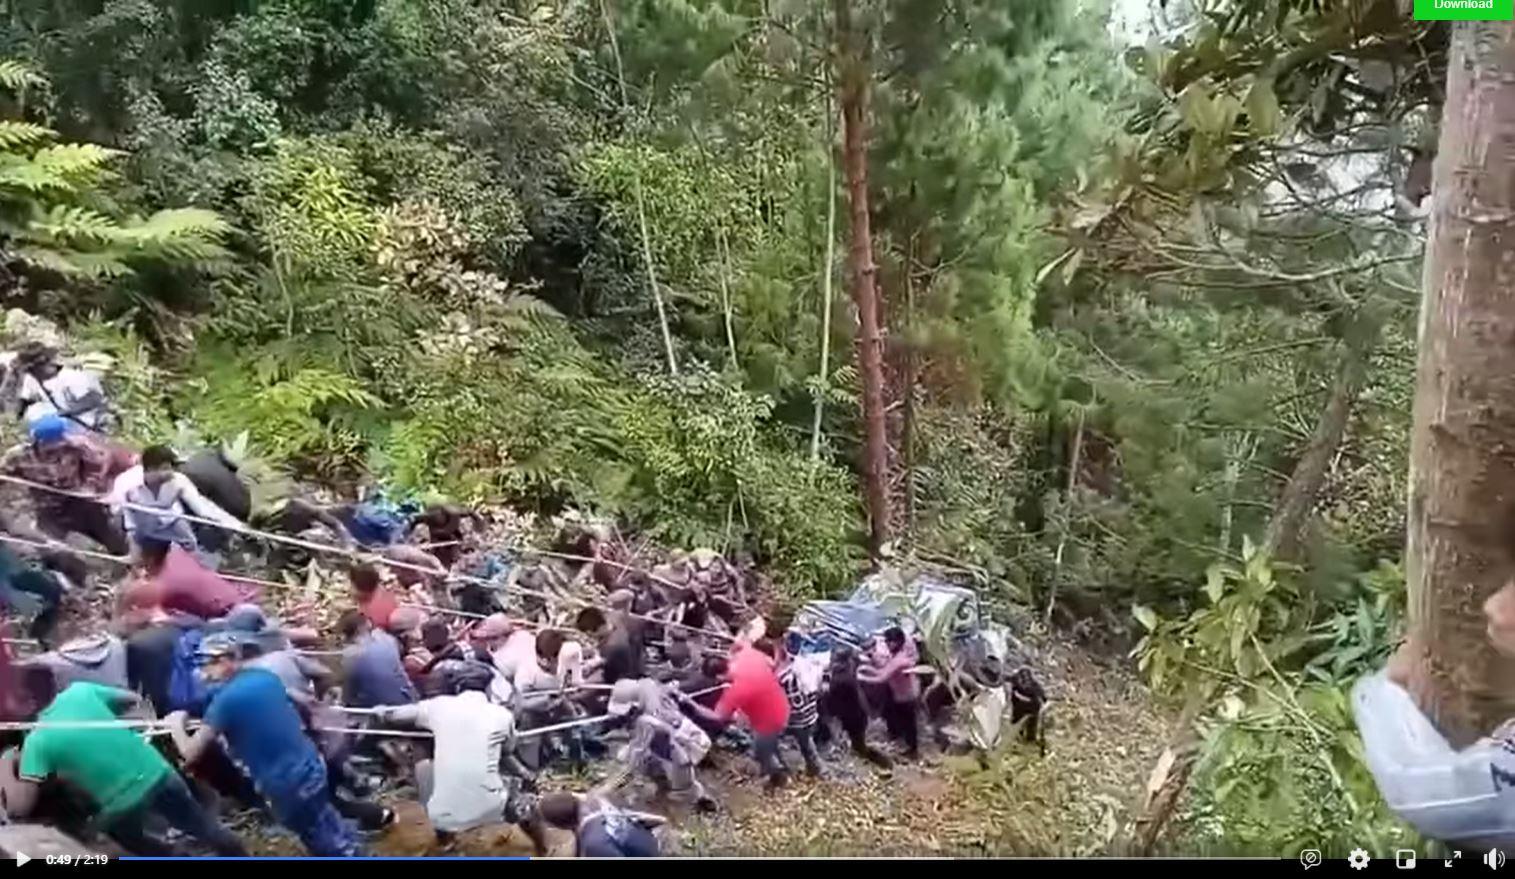 El impactante video de cómo lugareños sacan un vehículo de un barranco - Prensa Libre